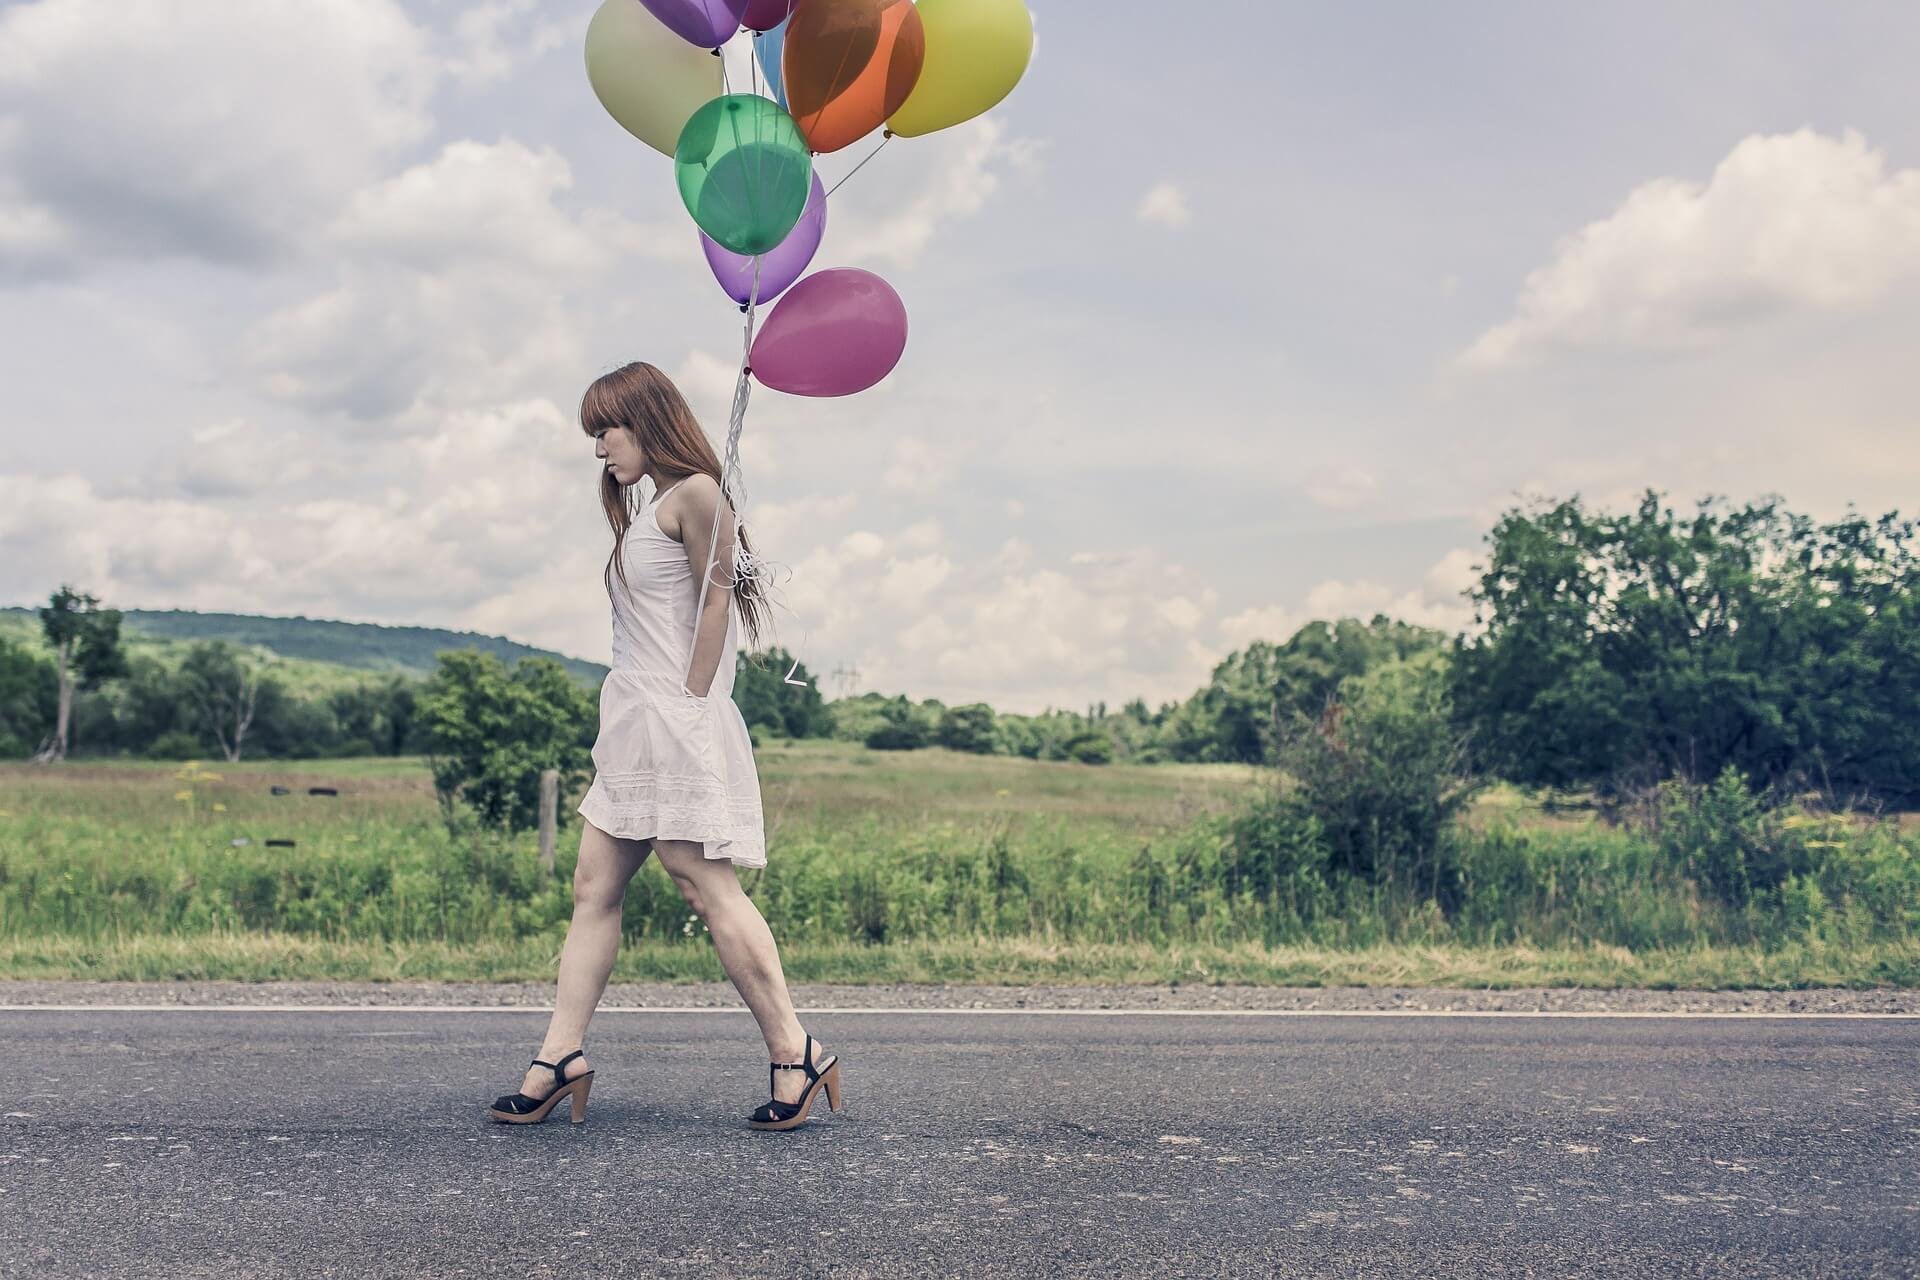 balloons-388973_1920